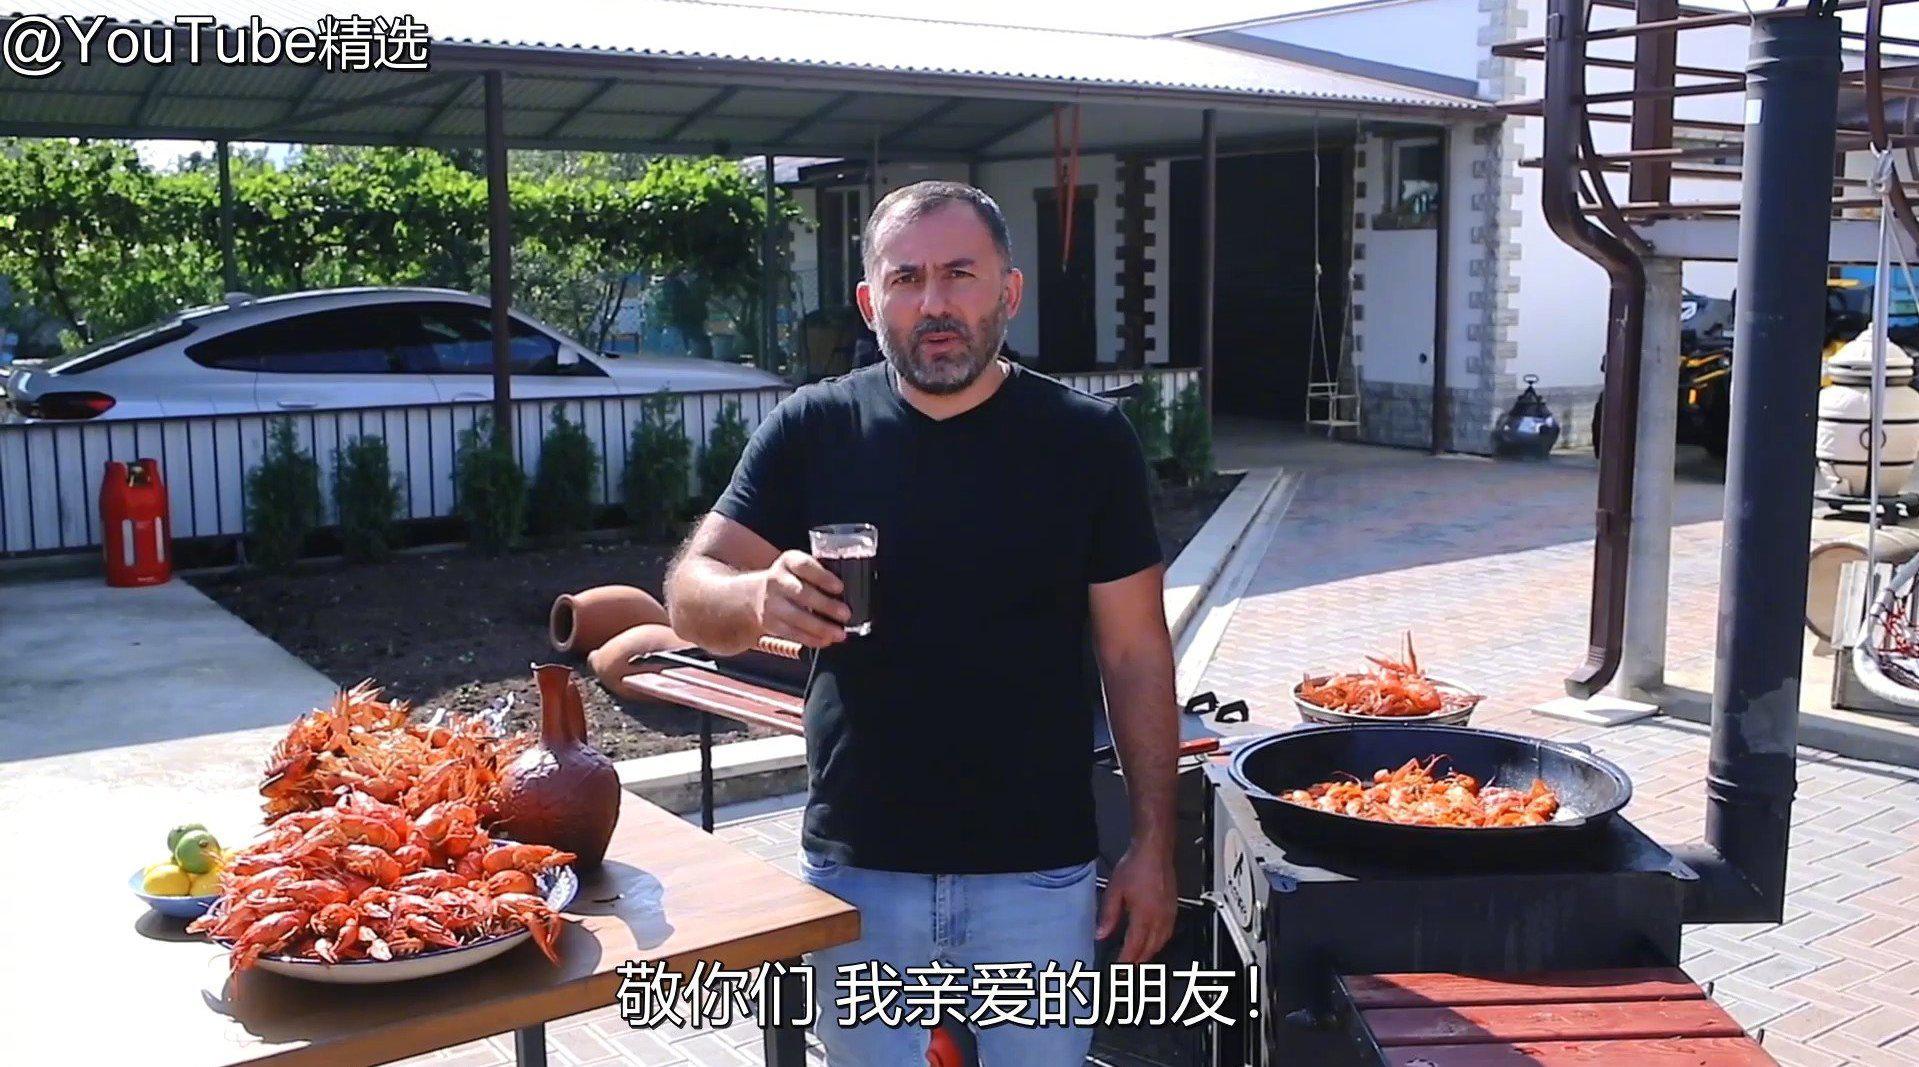 高加索大叔烤肉 串烤+油炸小龙虾